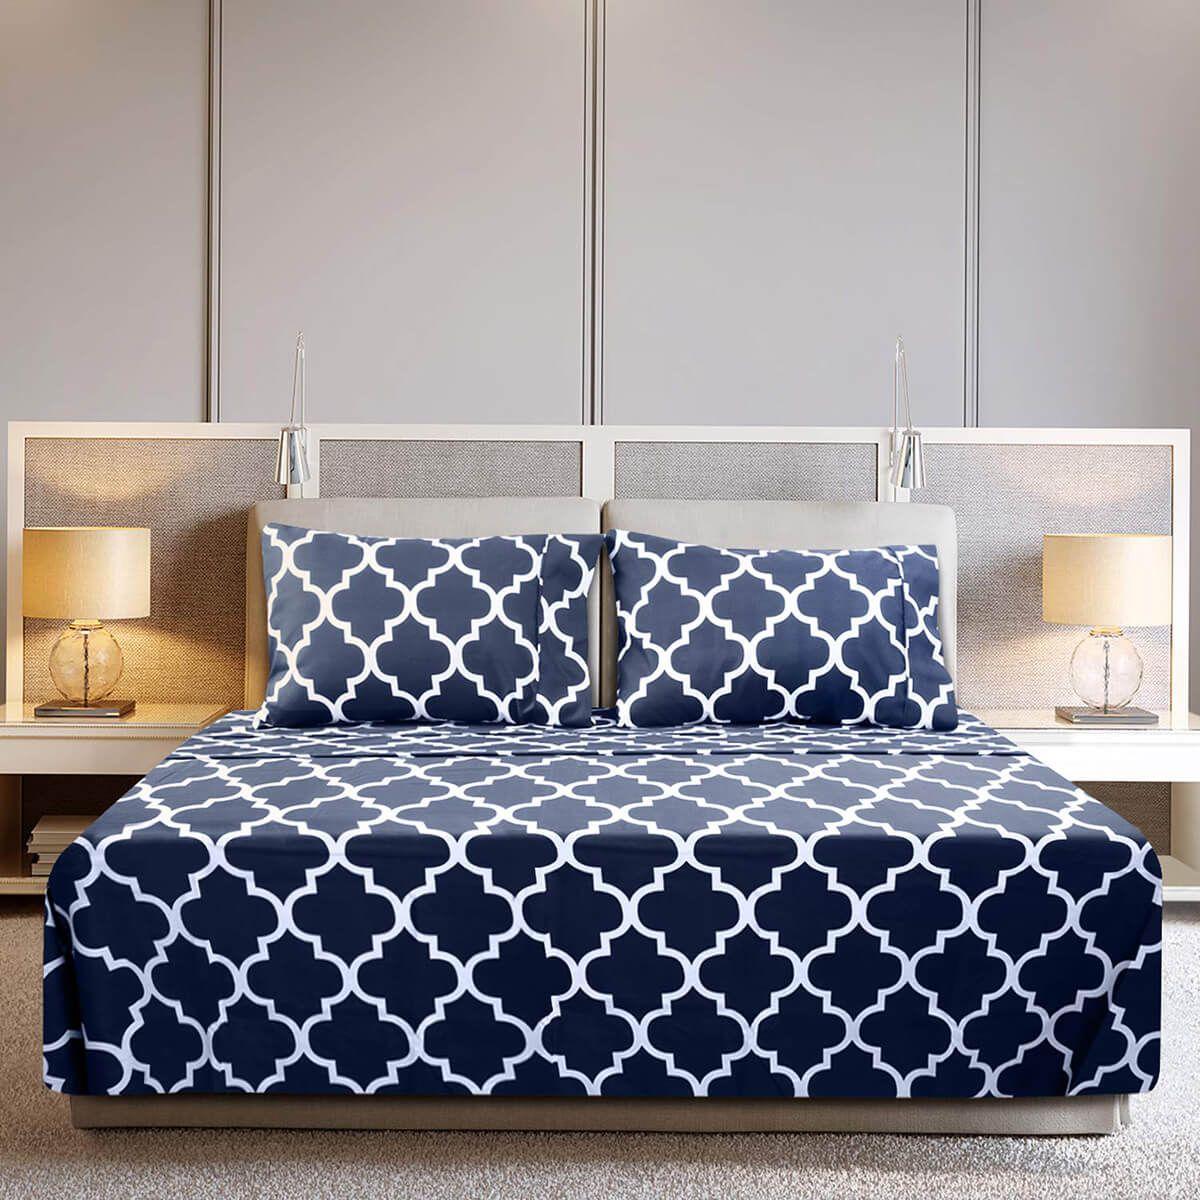 Utopia Bedding 4 Piece Bed Sheet Set Best Bed Sheets Luxury Bed Sheets Bed Sheet Sets